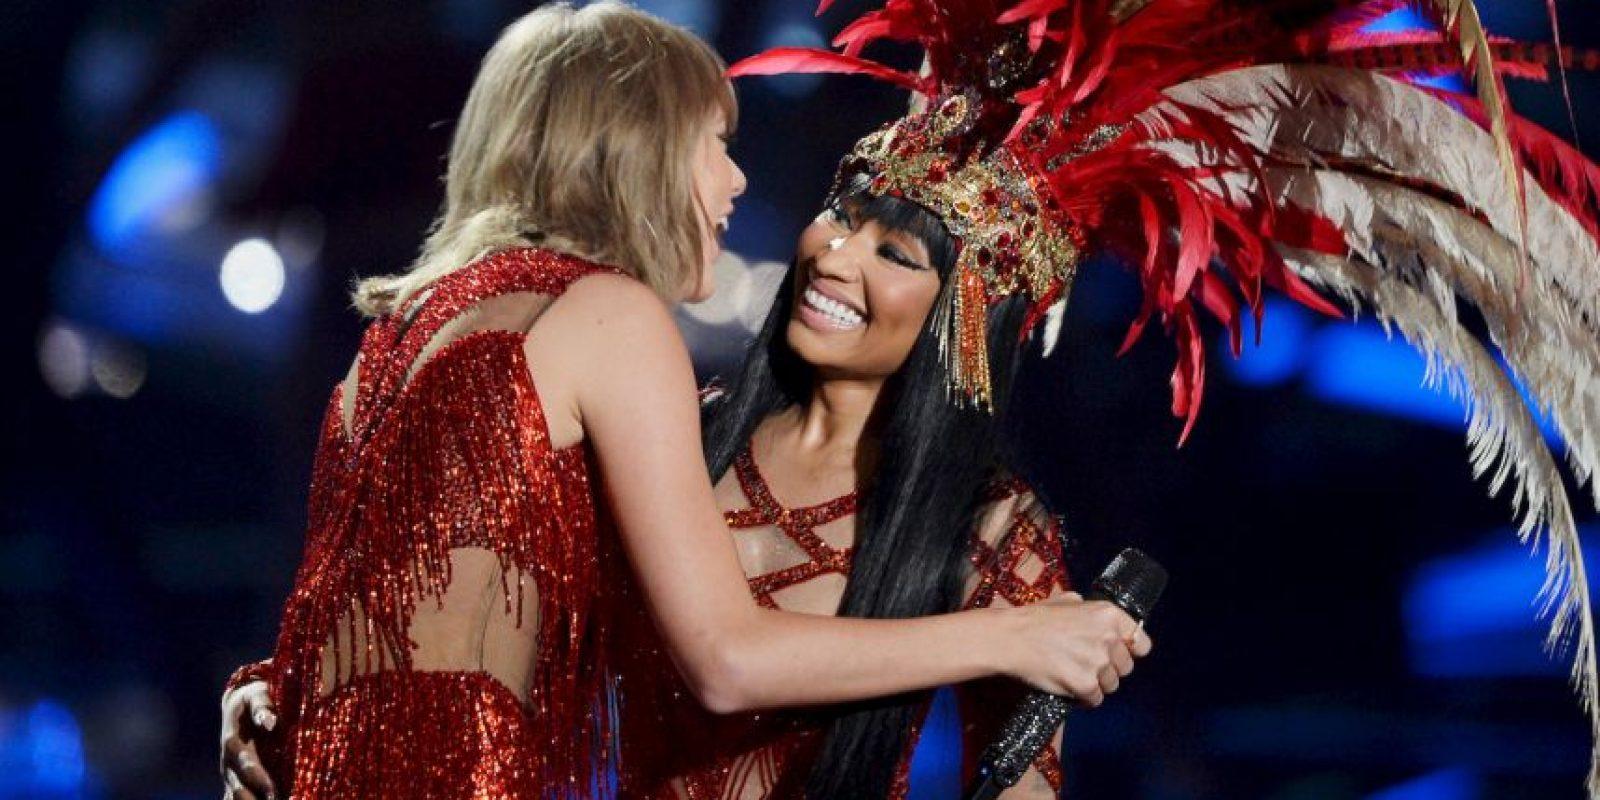 Así fue como Nicki y Taylor dejaron claro que la relación estaba bien entre ellas. Foto:Getty Images